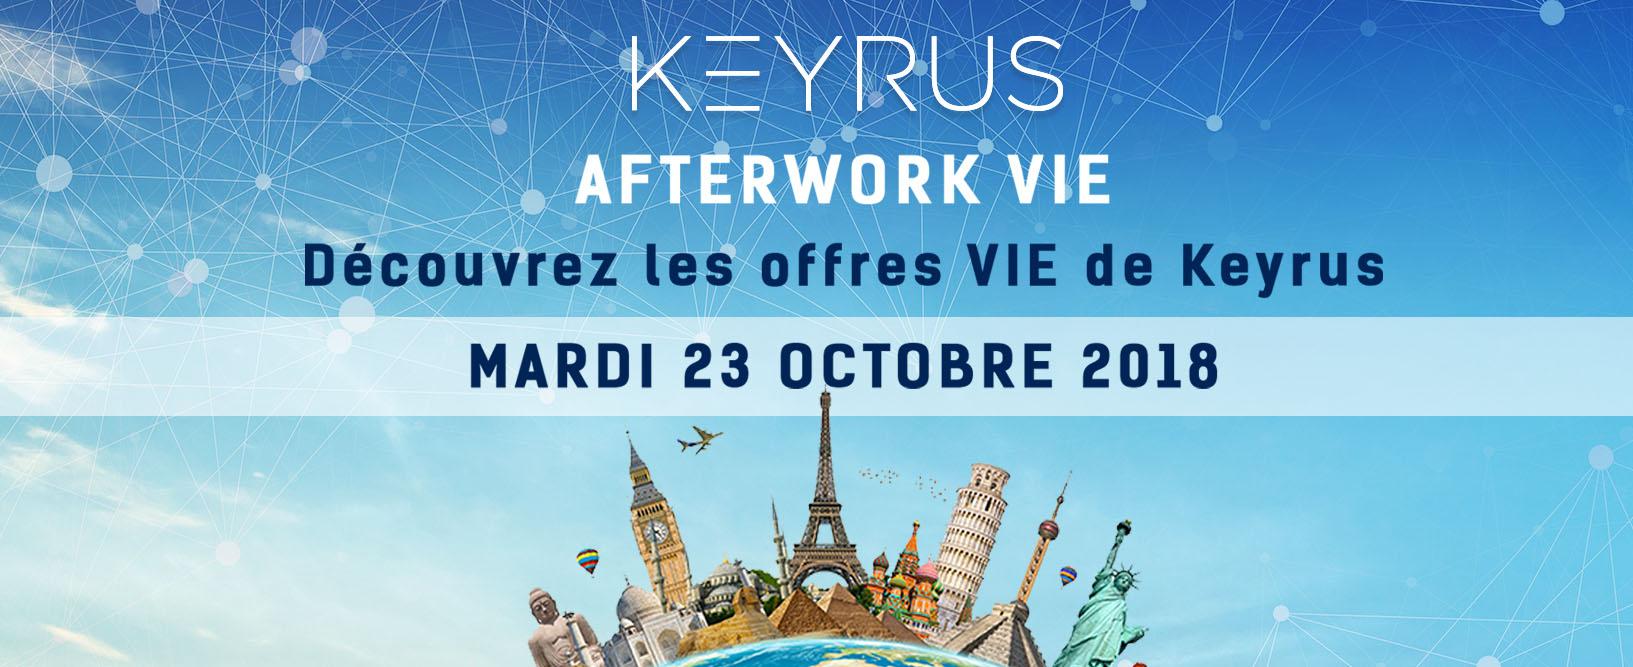 avec la participation de business france le groupe keyrus organise un afterwork v i e volontariat international en entreprise mardi 23 octobre 2018 a